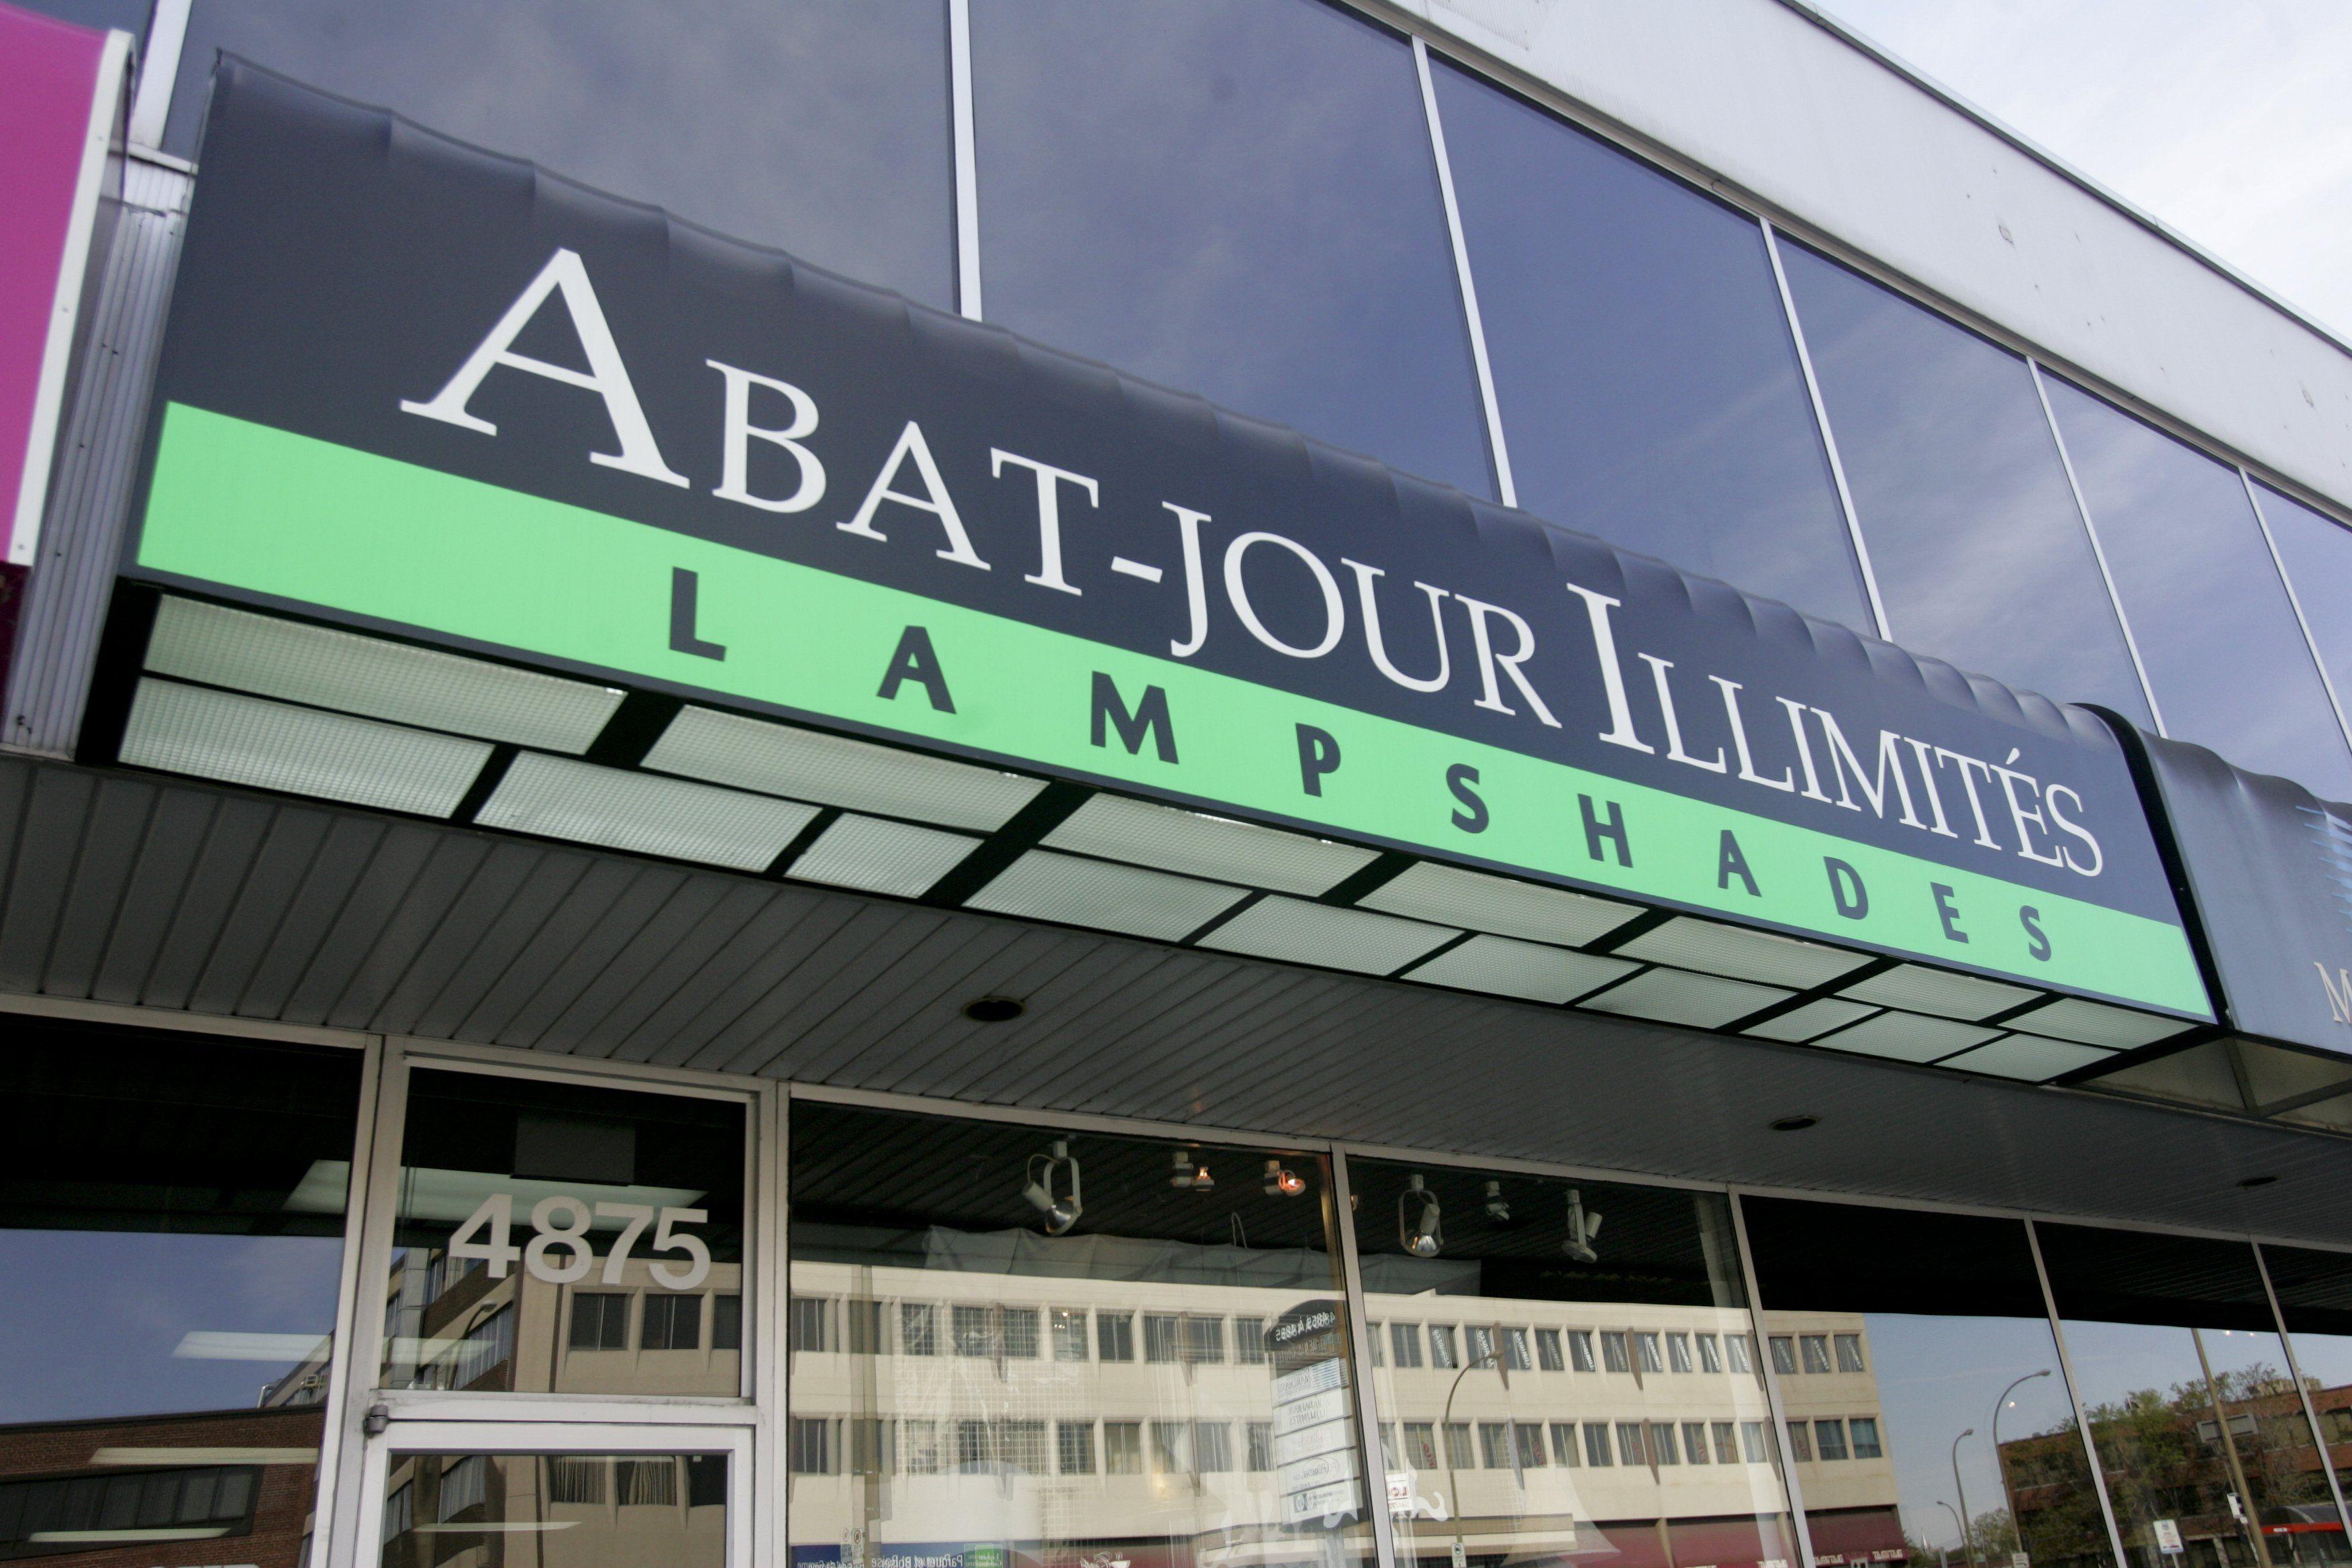 Fabriquer Carcasse Abat Jour magasin de lampes | montréal | laval | abat-jourillimités